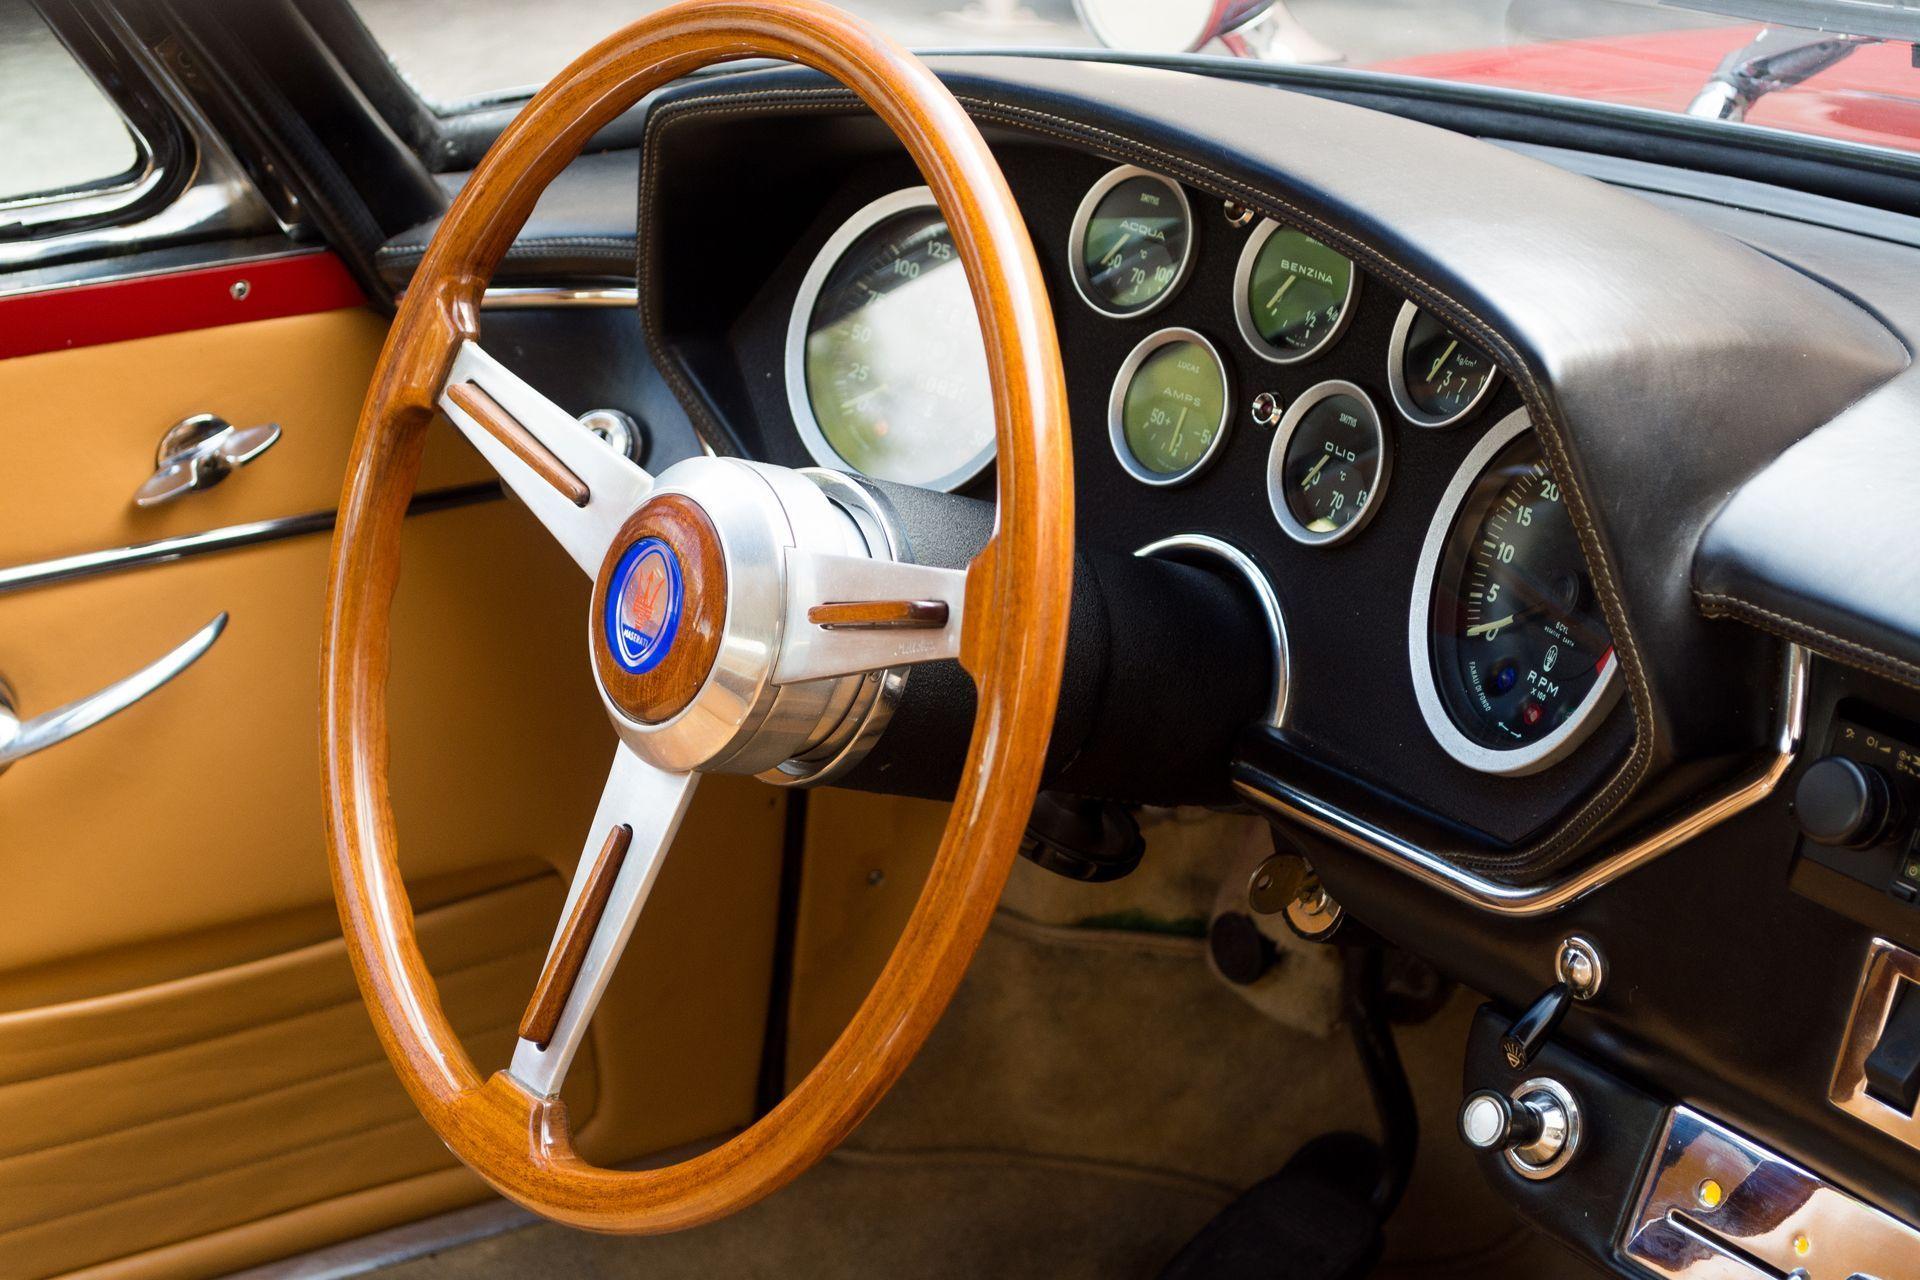 1967 Maserati Mistral 4 0l Coupe Bring A Trailer